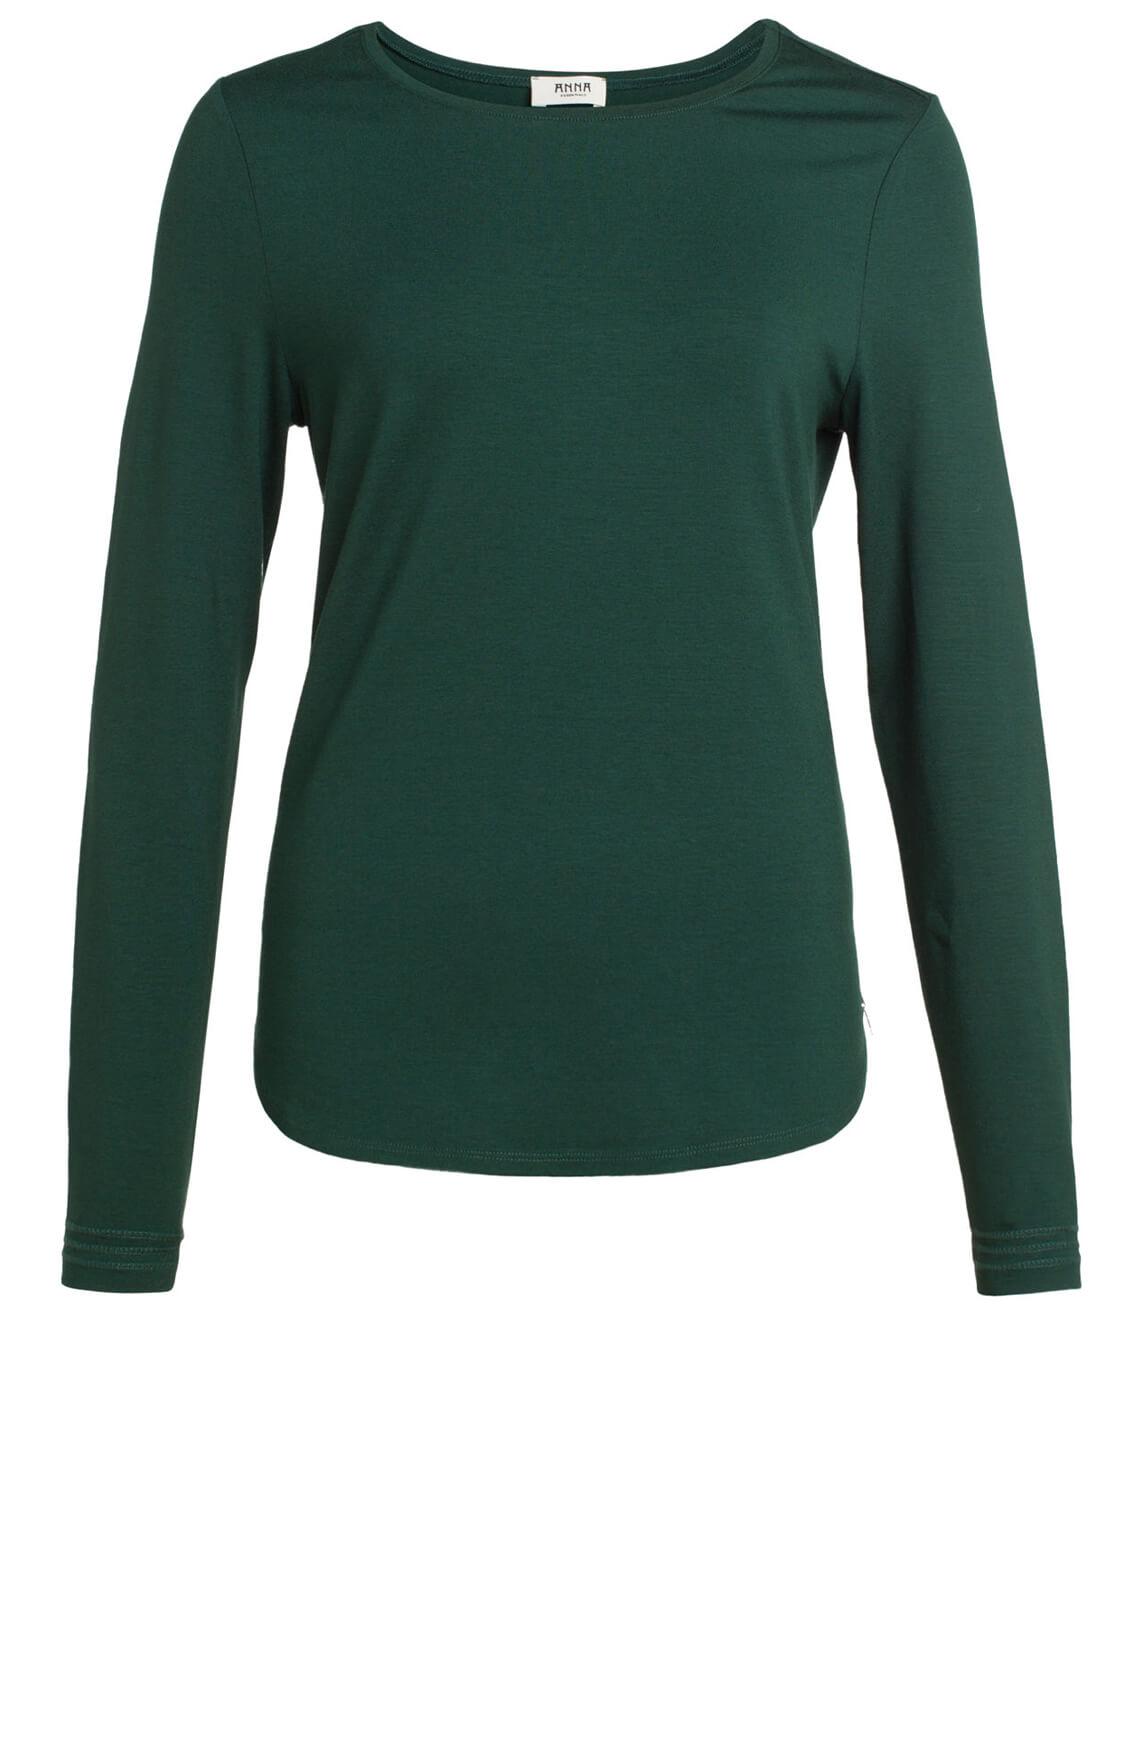 Anna Dames Shirt met stikseldetail groen